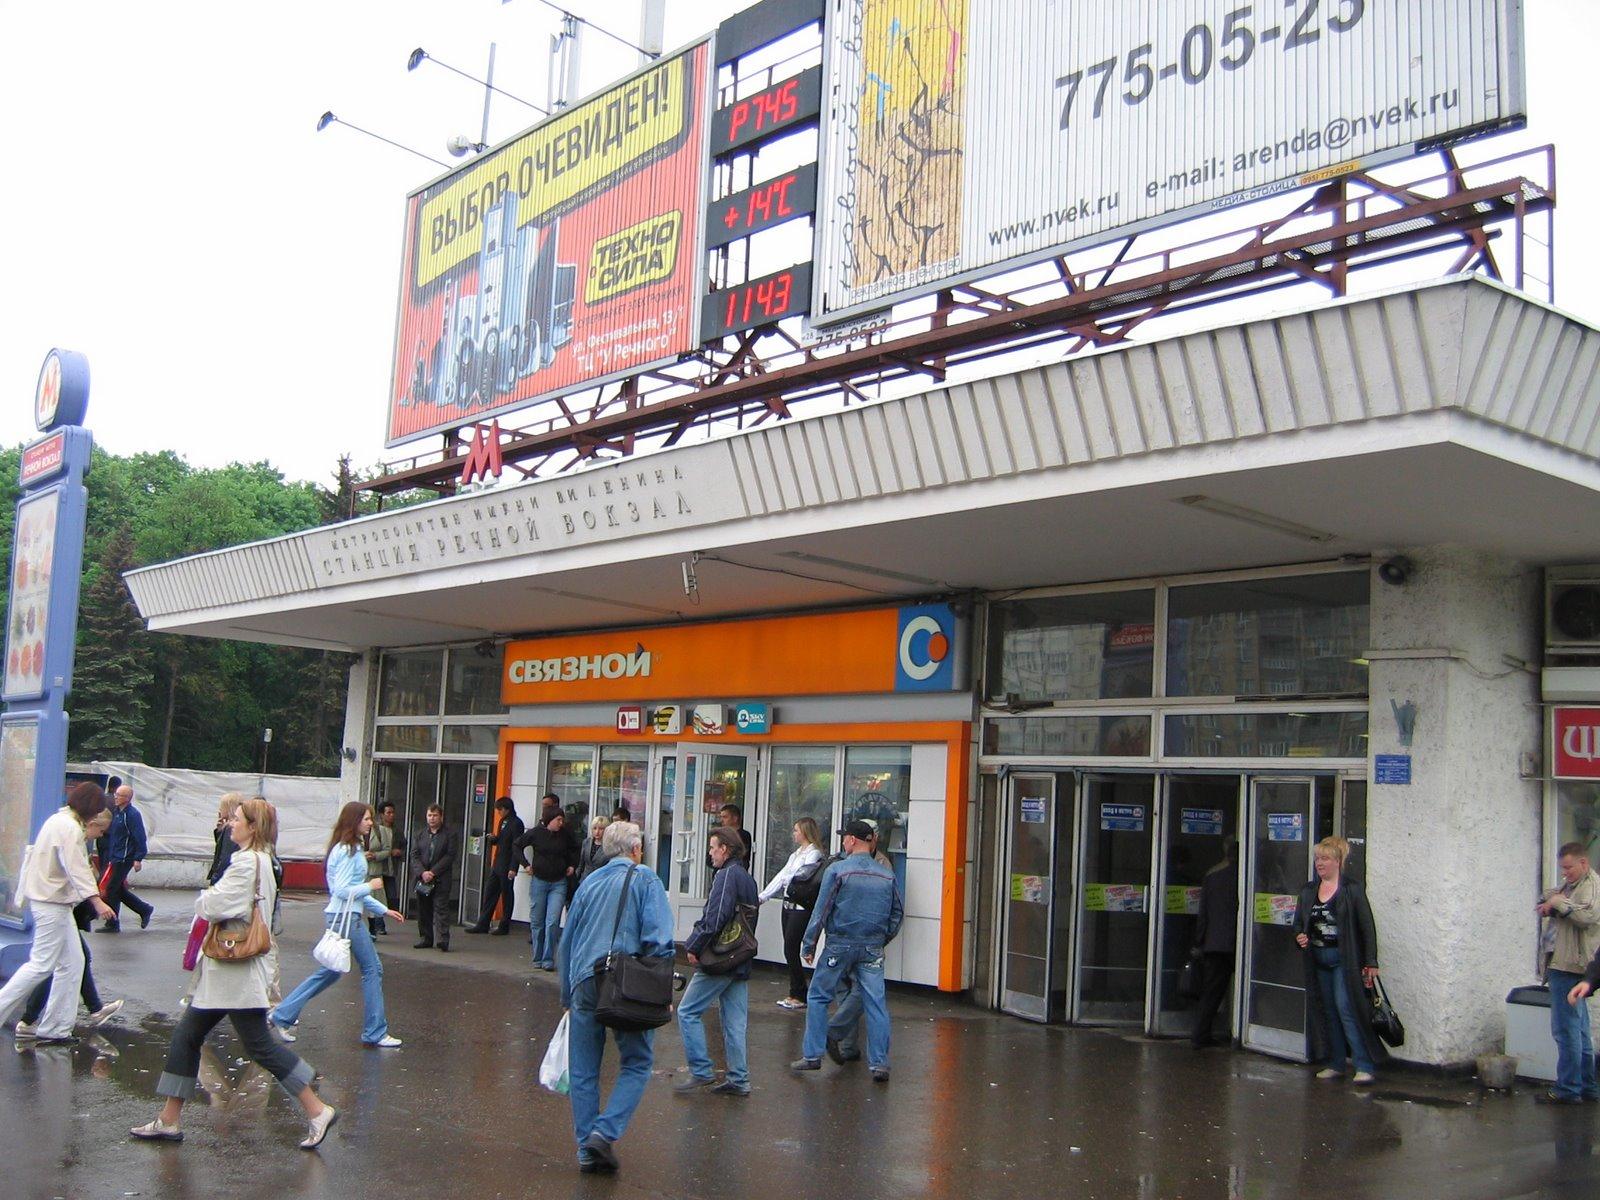 Речной вокзал фото метро